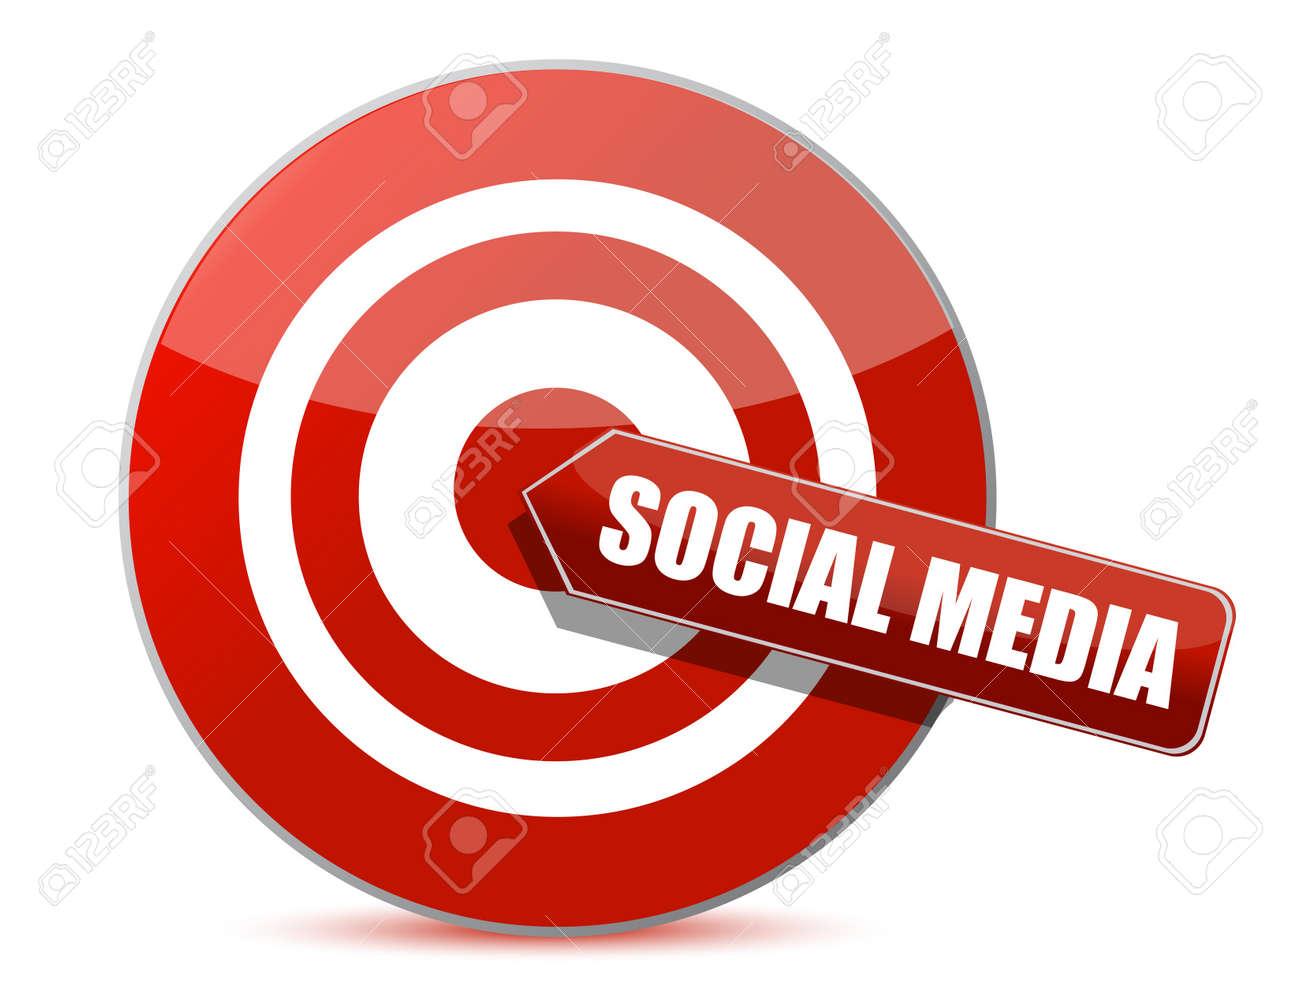 target bulls eye social media illustration design on white Stock Vector - 12250953